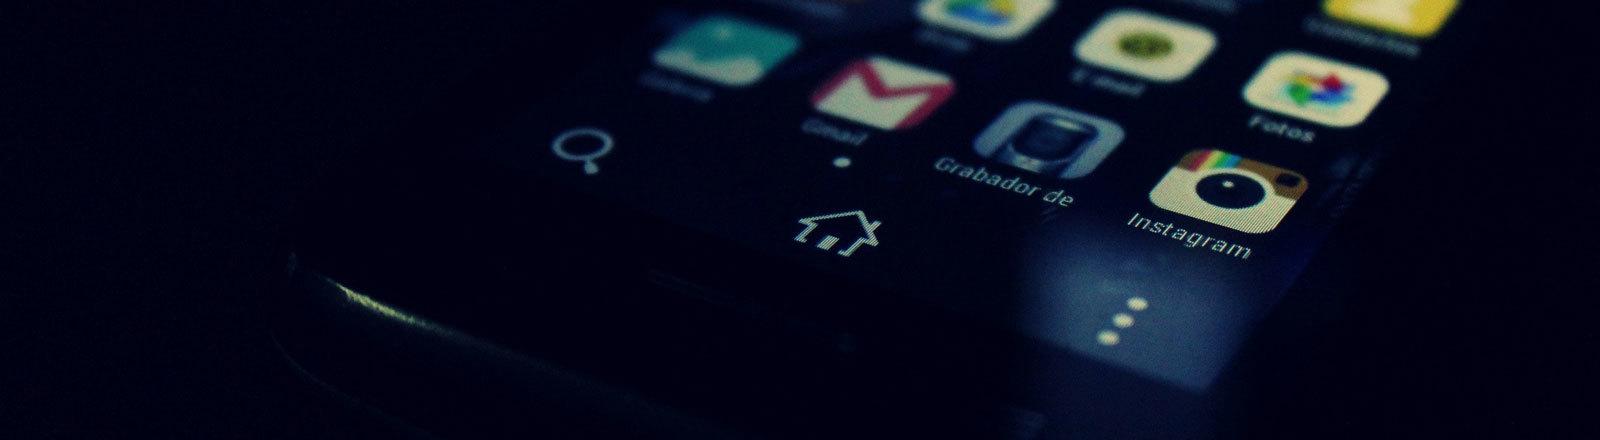 Ein Smartphone mit Android-Betriebssystem